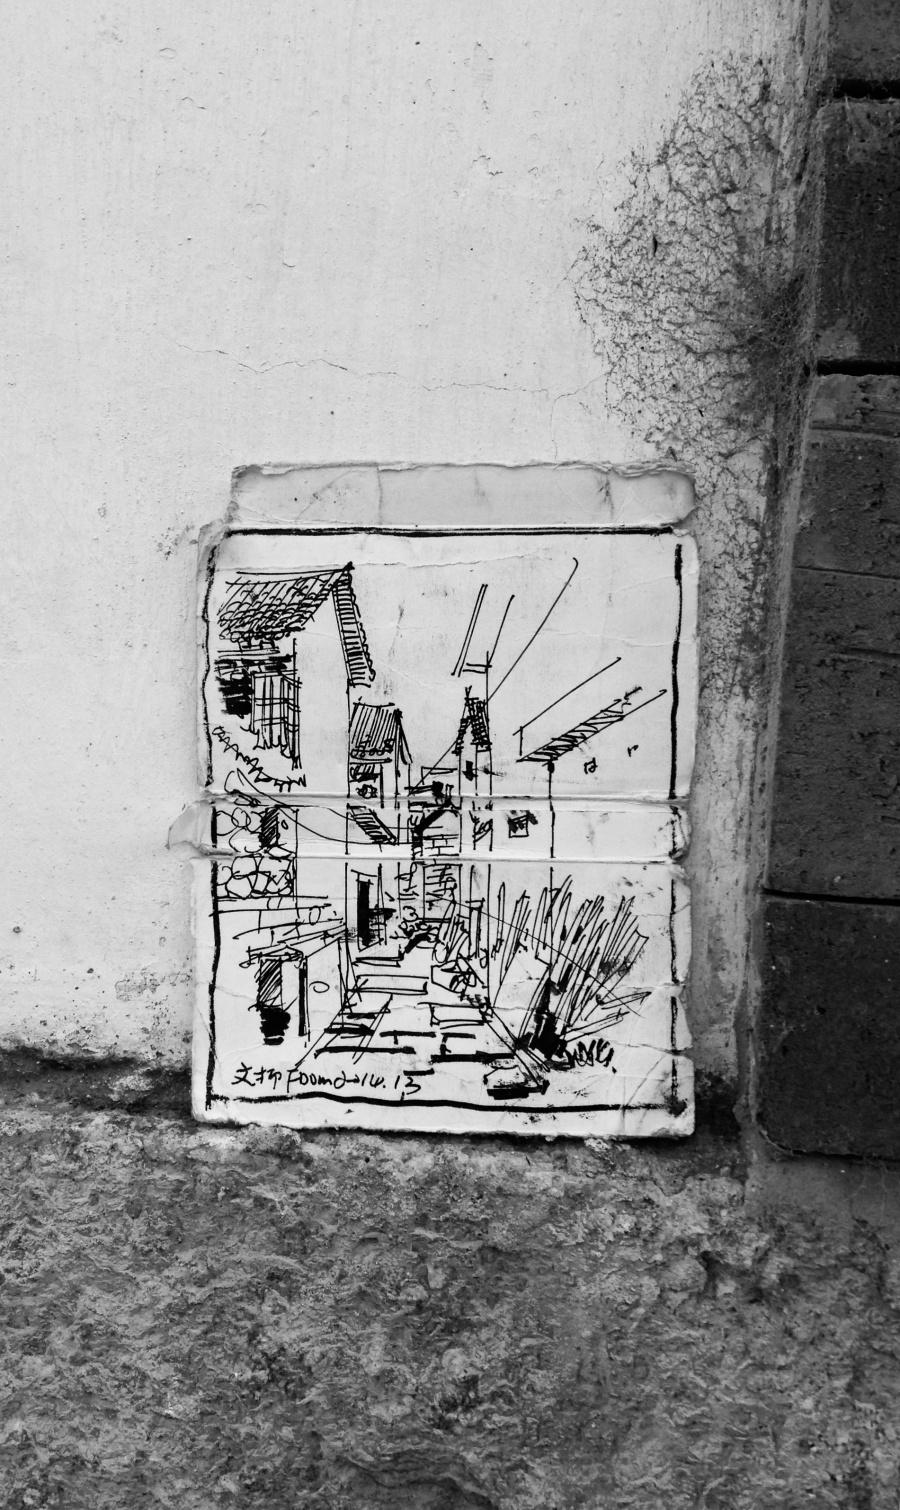 查看《捡捡垃圾,画点小画》原图,原图尺寸:1901x3189